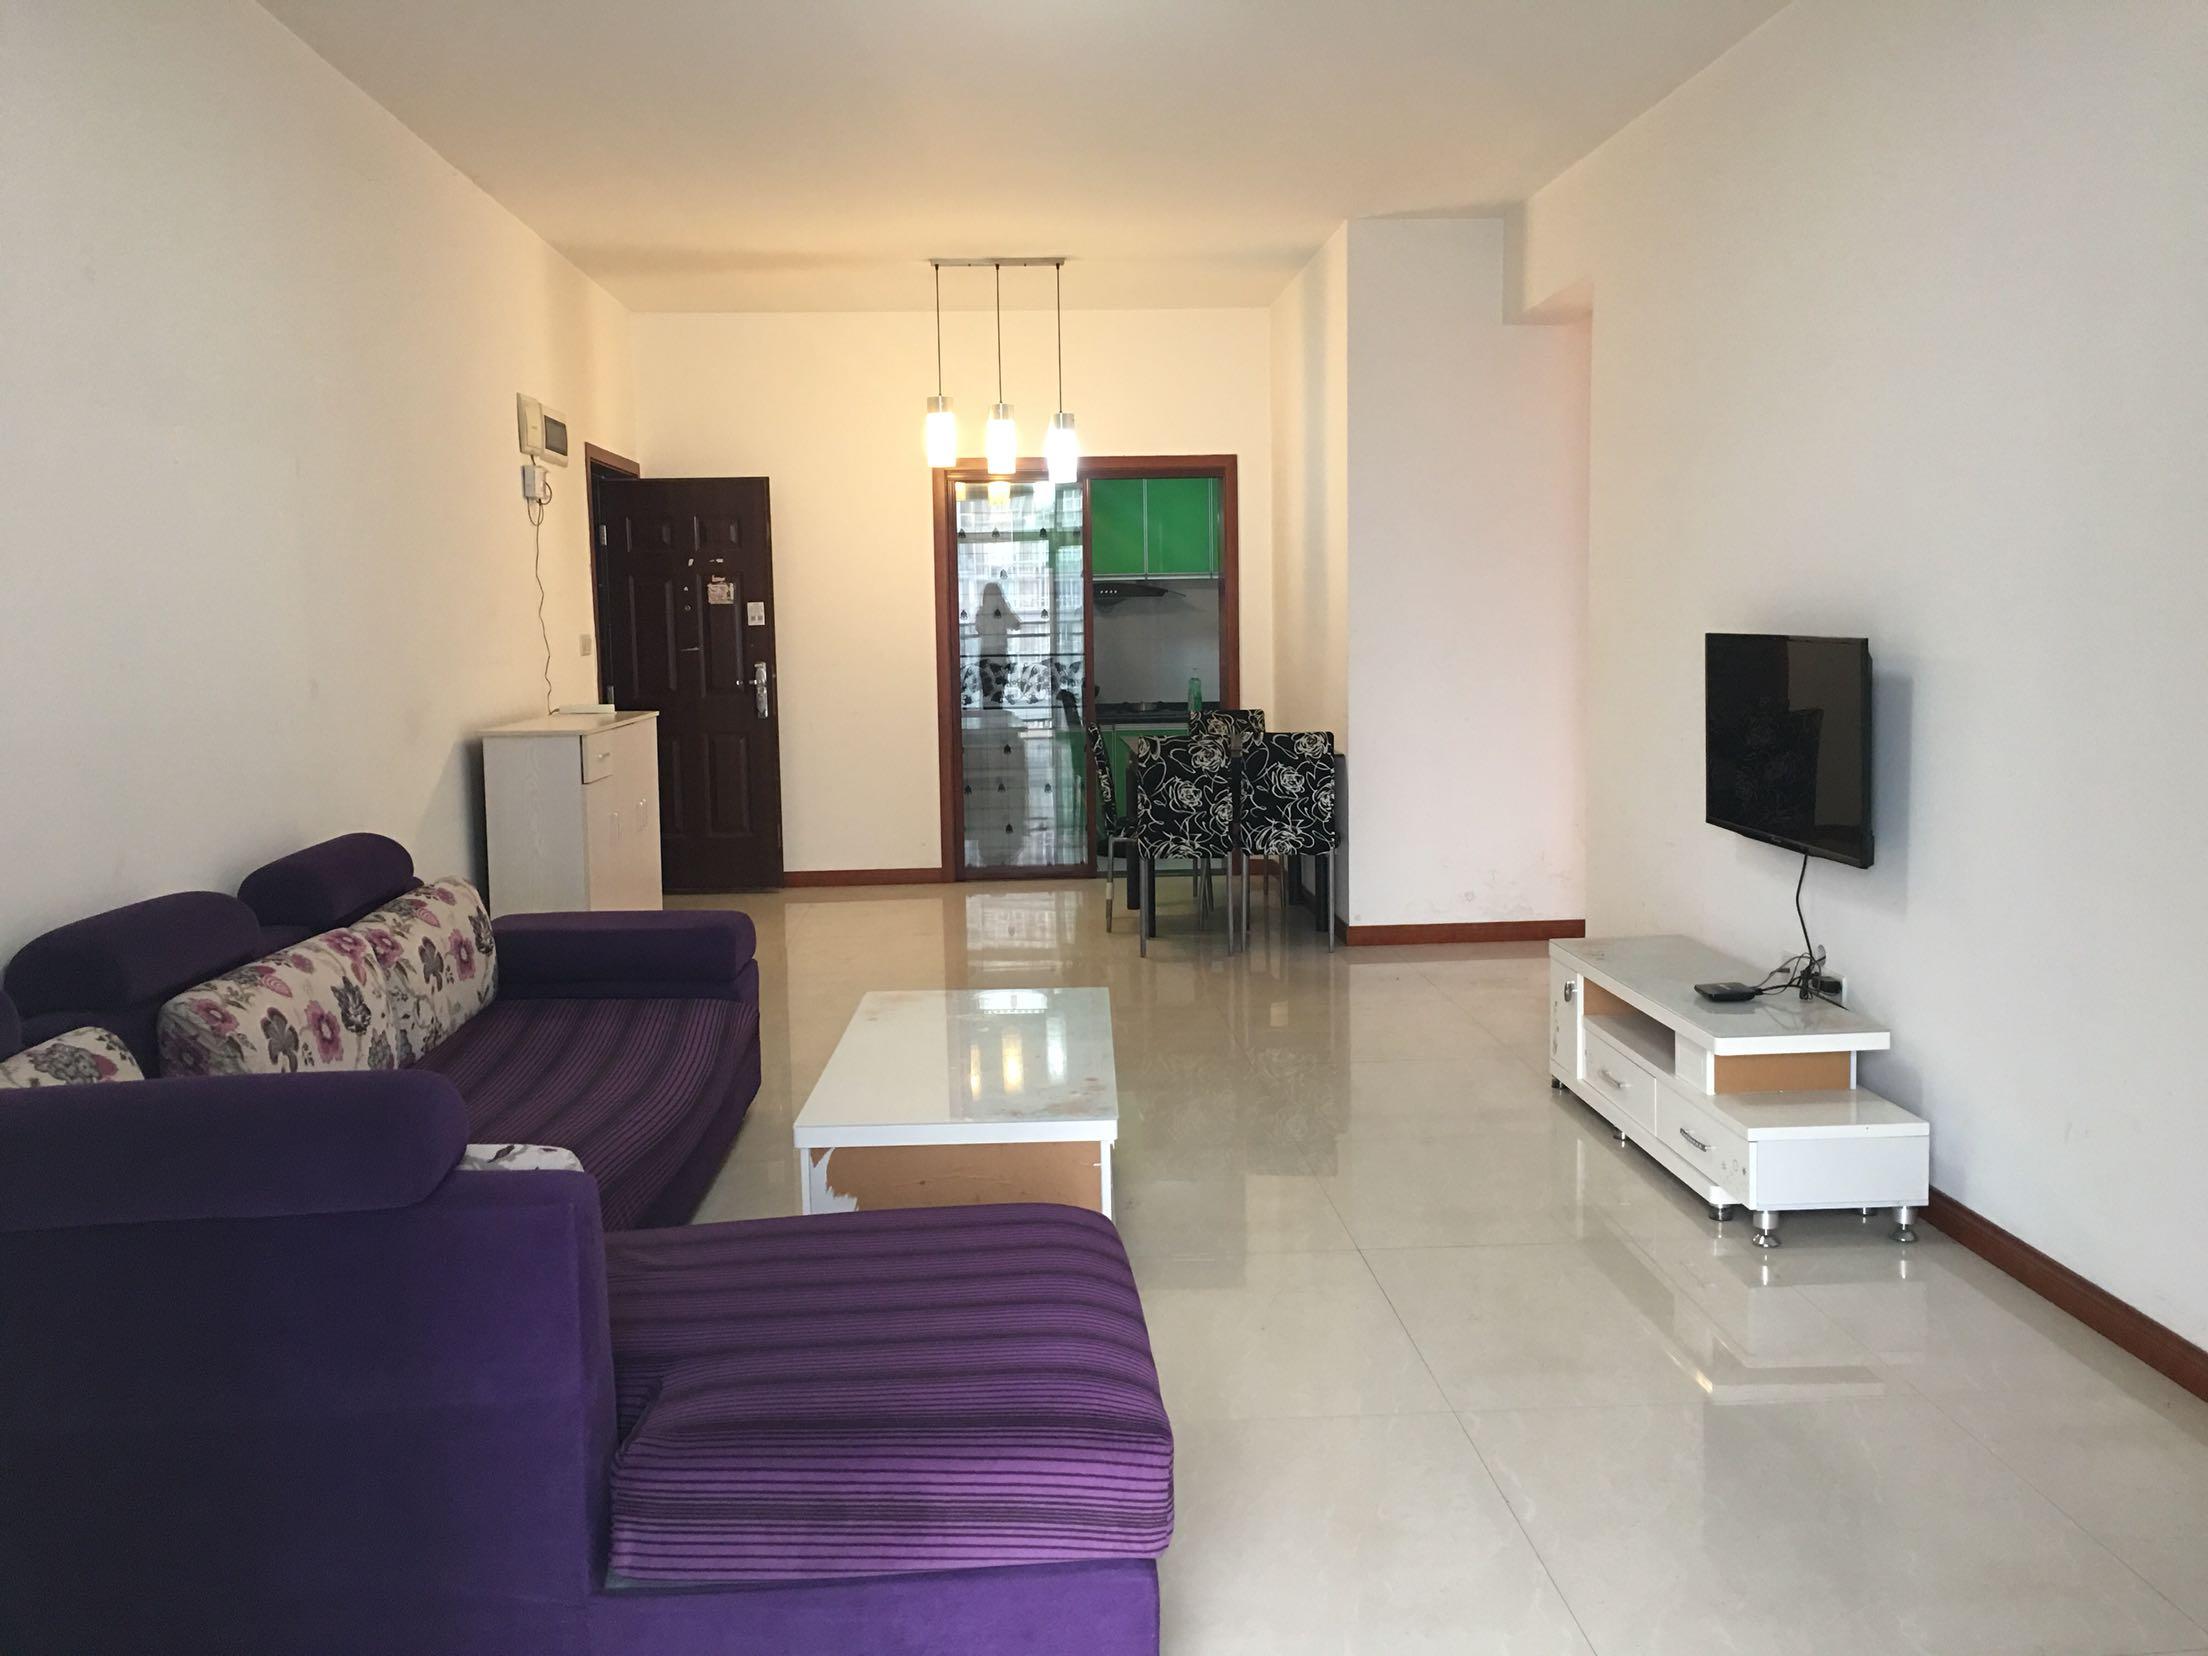 3室2厅1卫-120.0㎡